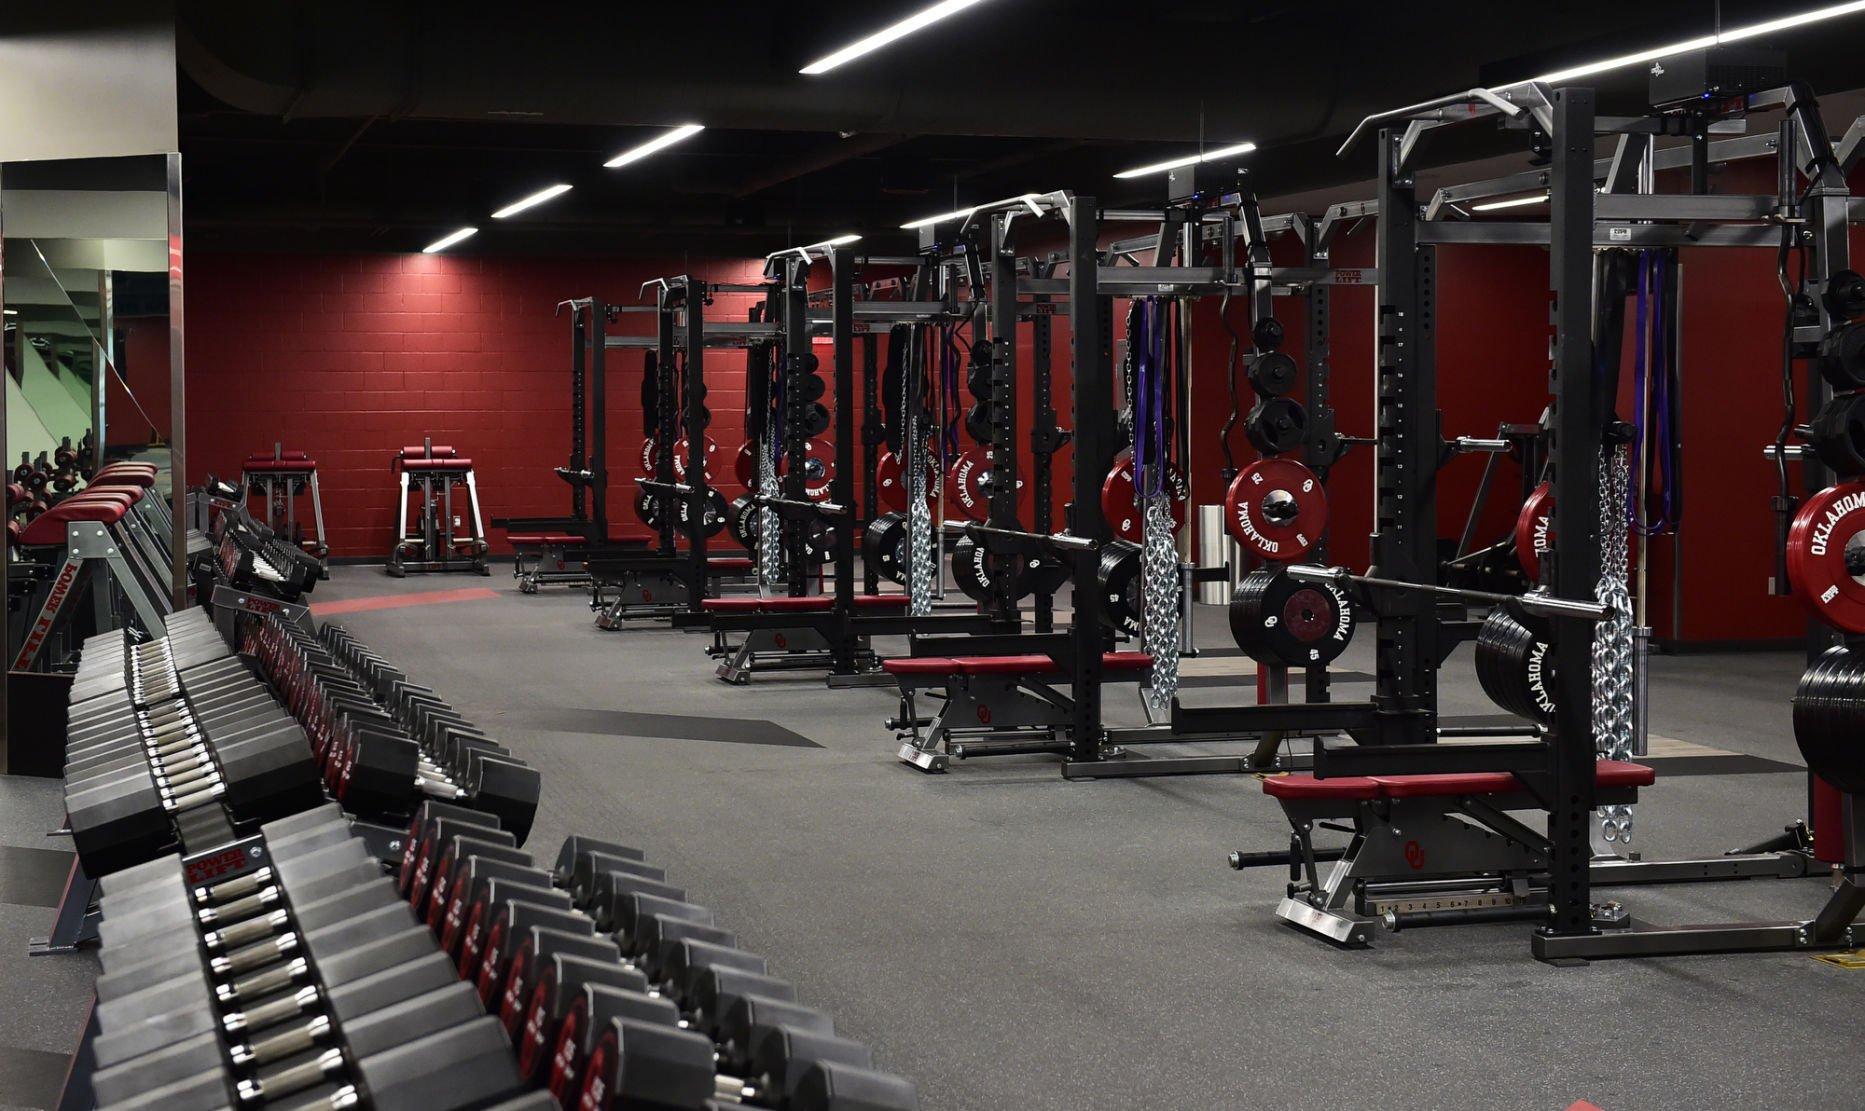 Ou regents approve lnc performance center the official site